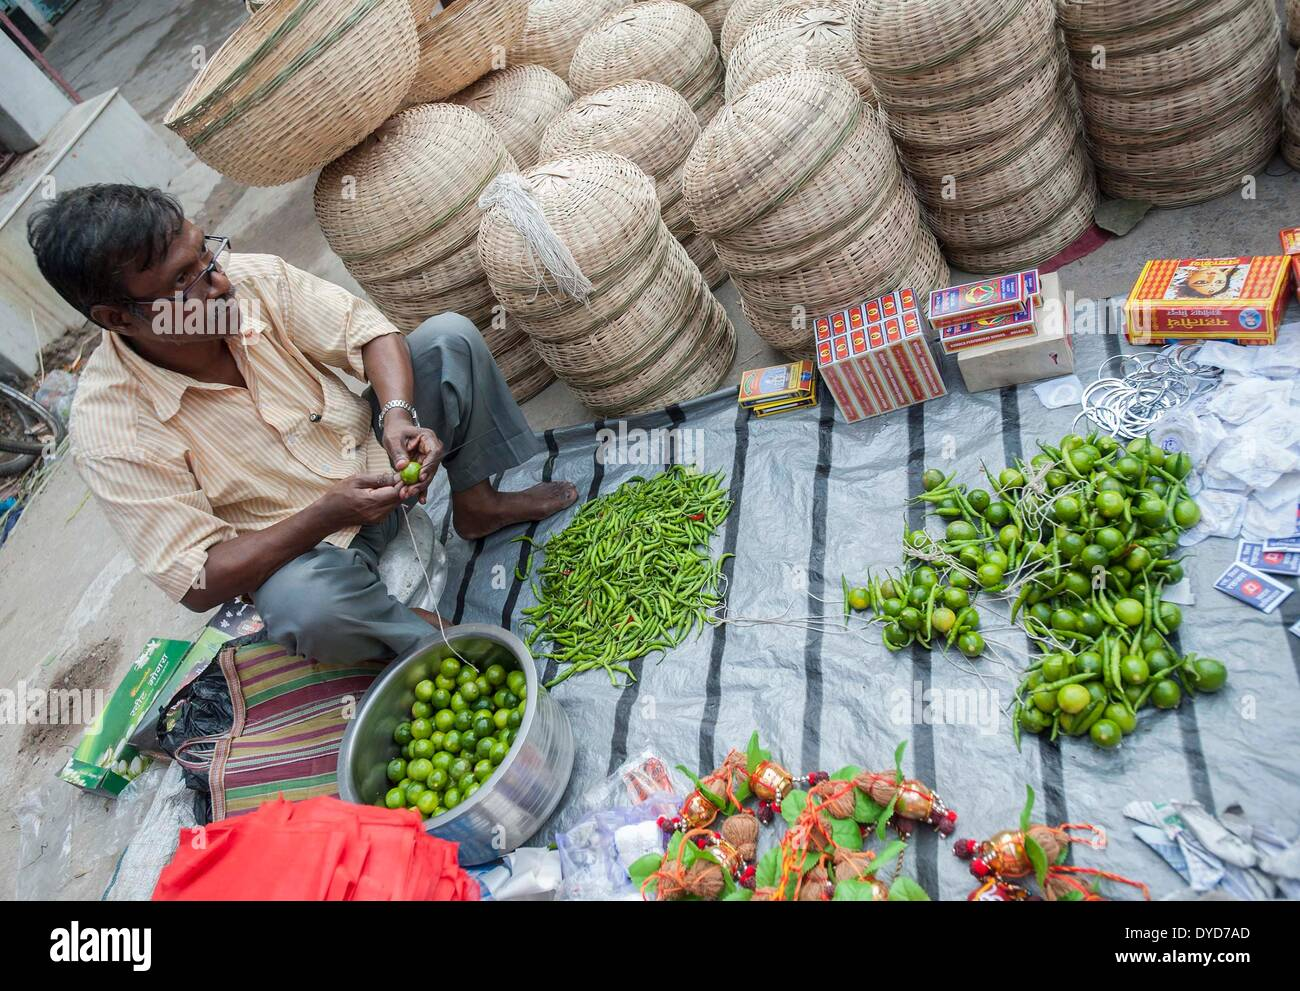 Calcutta, lo stato indiano del Bengala Occidentale. 15 apr 2014. Un indiano hawker rende stringhe di limone e peperoncino come proprietari di negozi appendiabiti a loro come portafortuna a Calcutta, capitale dell'est lo stato indiano del Bengala Occidentale, 15 aprile 2014. Poila Baishakh, il primo giorno del calendario Bengali anno, è l'inizio di tutte le attività aziendali nel Bengala occidentale quando i commercianti culto del Signore Ganesha e la dea Lakshmi per contrassegnare l'anno con la ricchezza e la prosperità. © Tumpa Mondal/Xinhua/Alamy Live News Immagini Stock